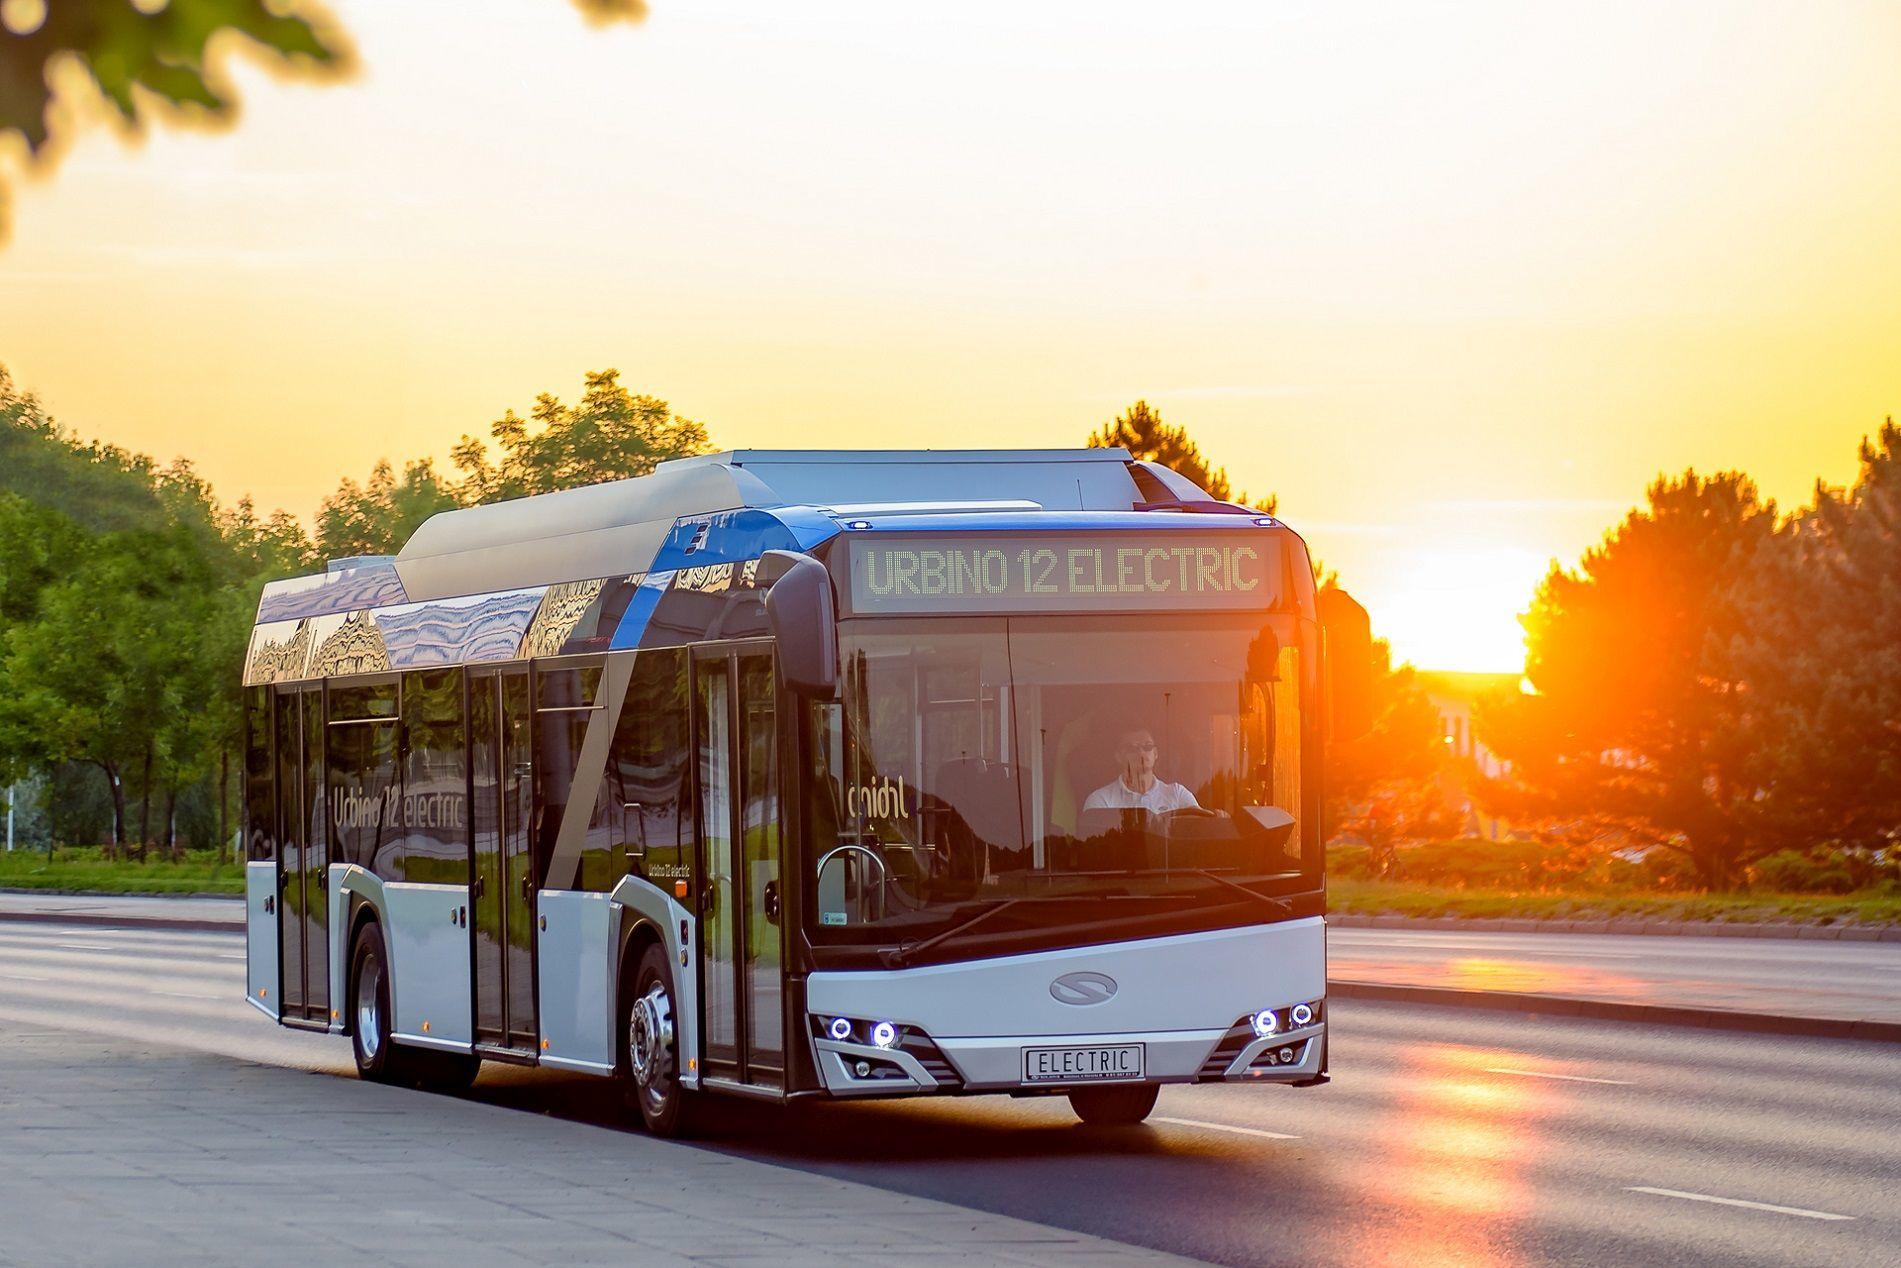 Solaris va livra 7 autobuze electrice la Sighetu Marmaţiei, contract de peste 18 milioane de lei plus TVA